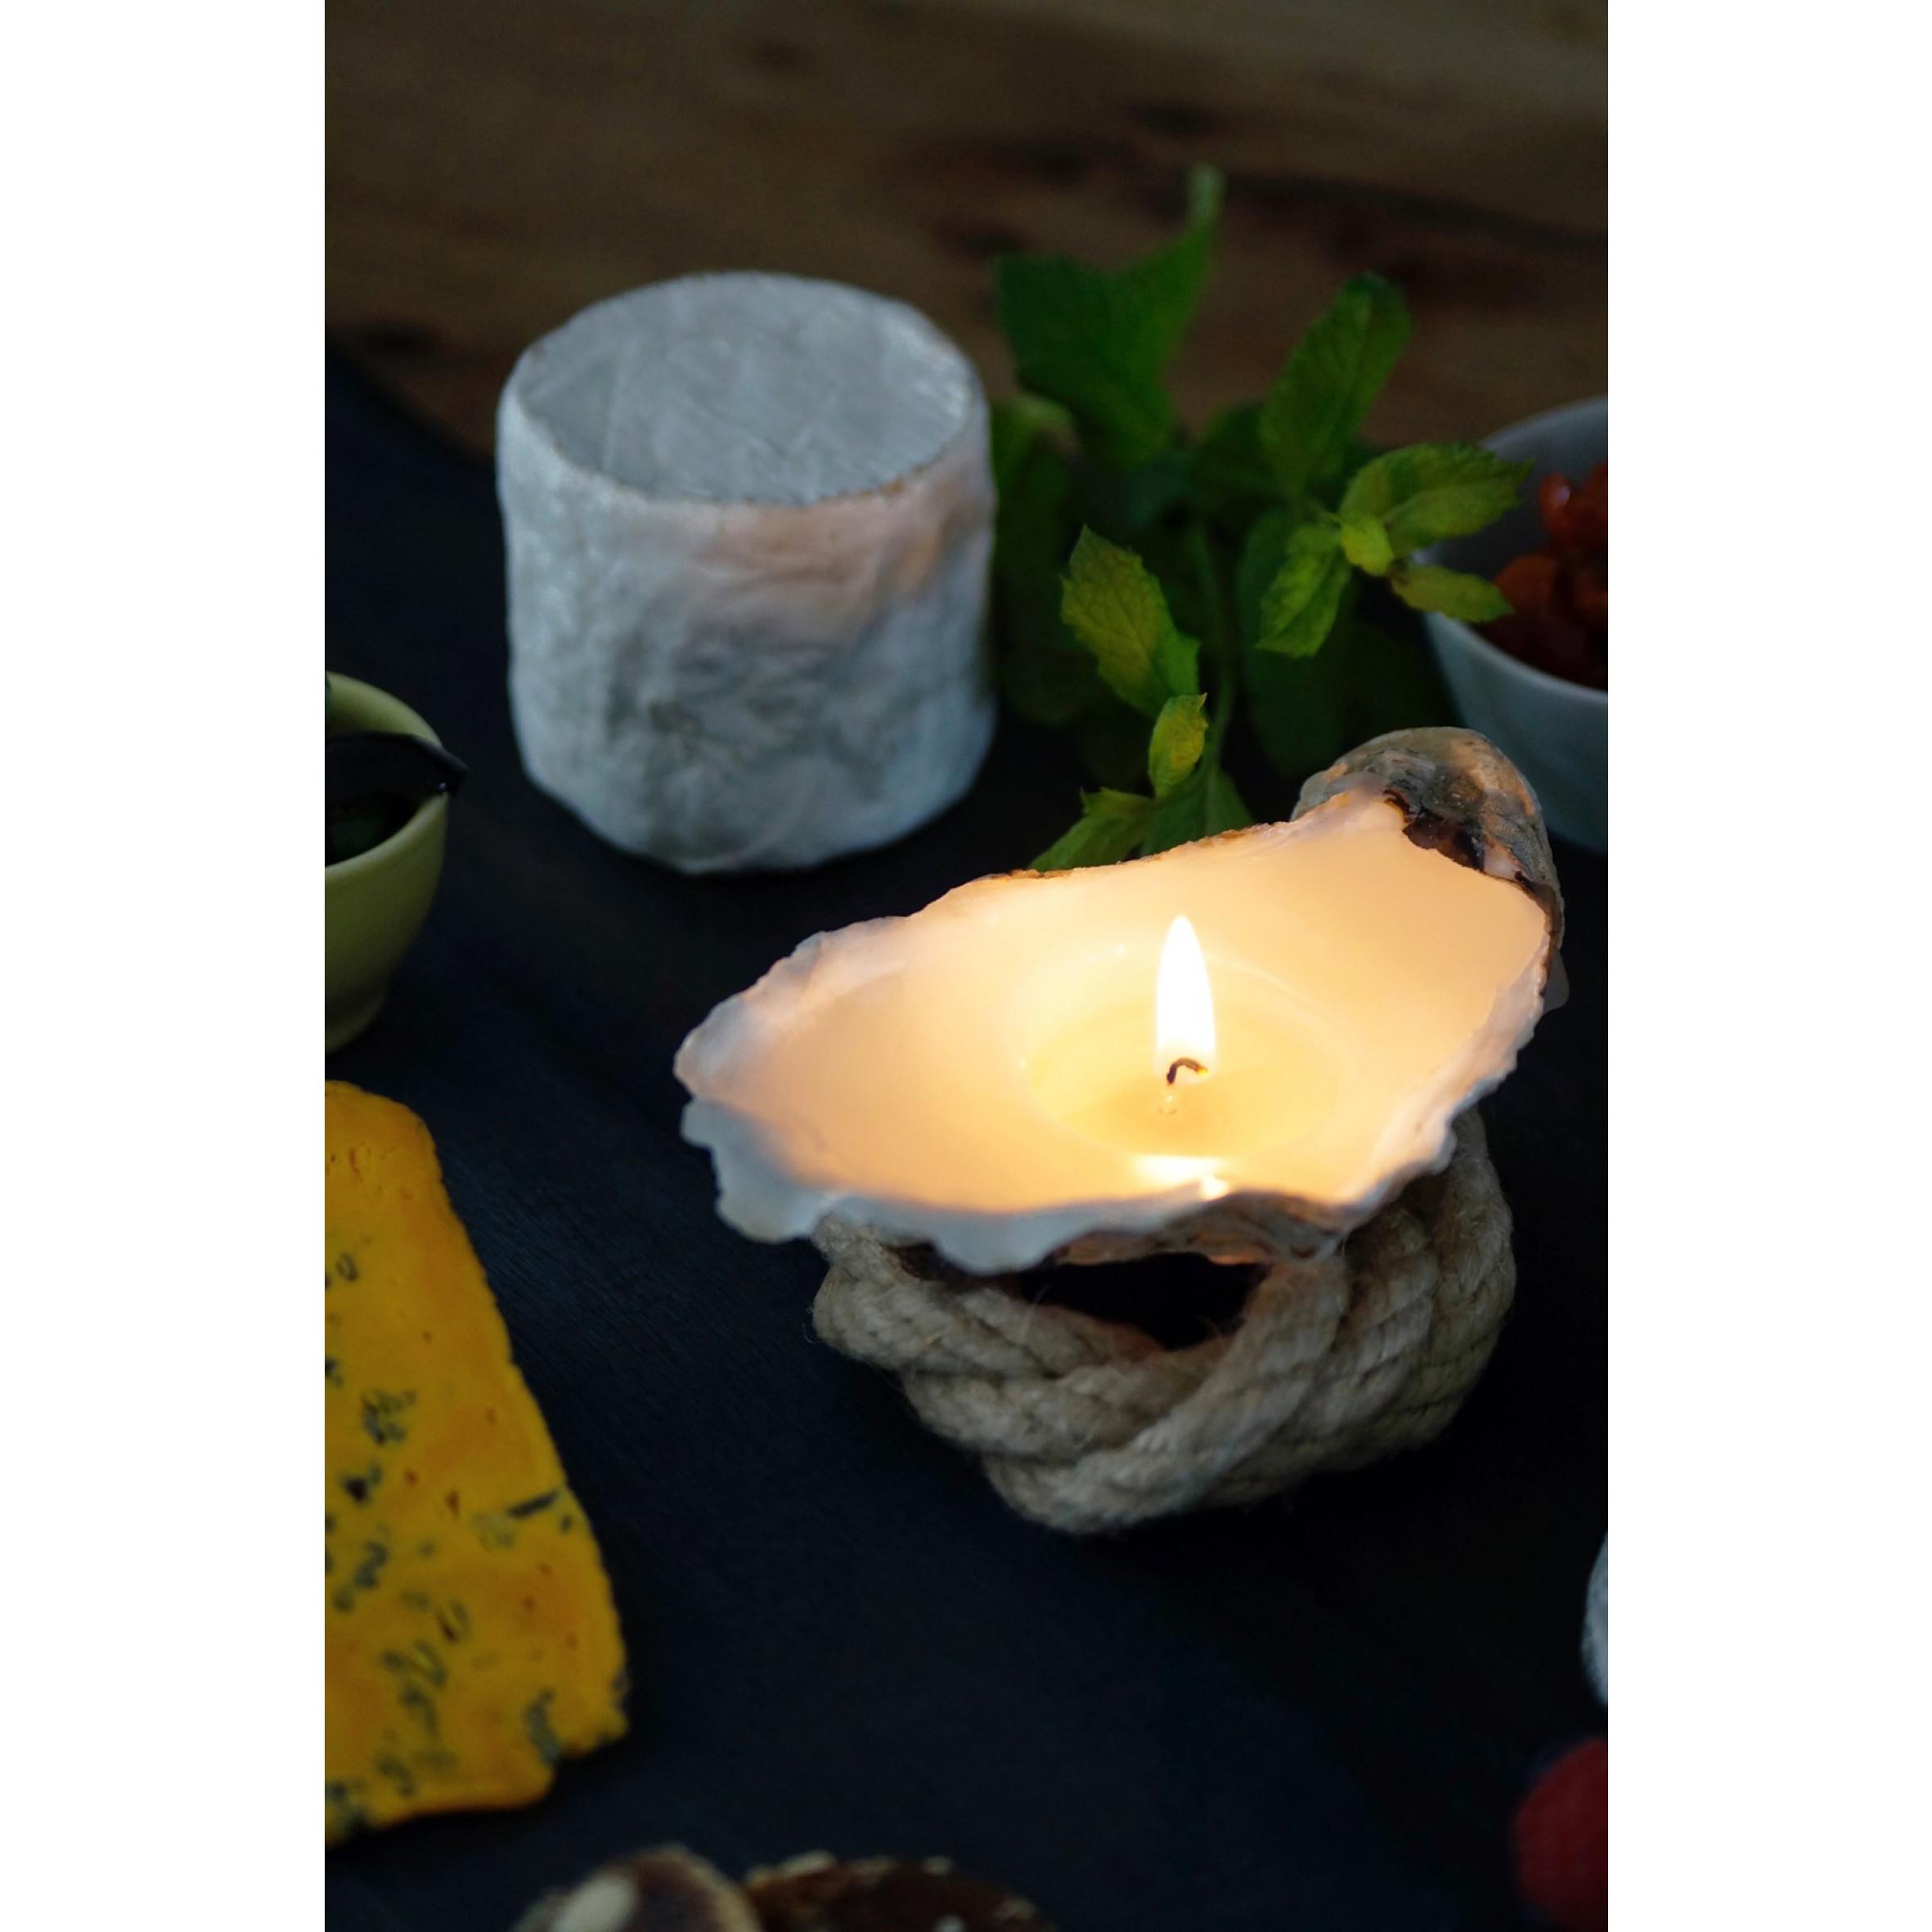 Austernkerze 3 Stück + Duftperlen Geschenkpackung Gross | Natur